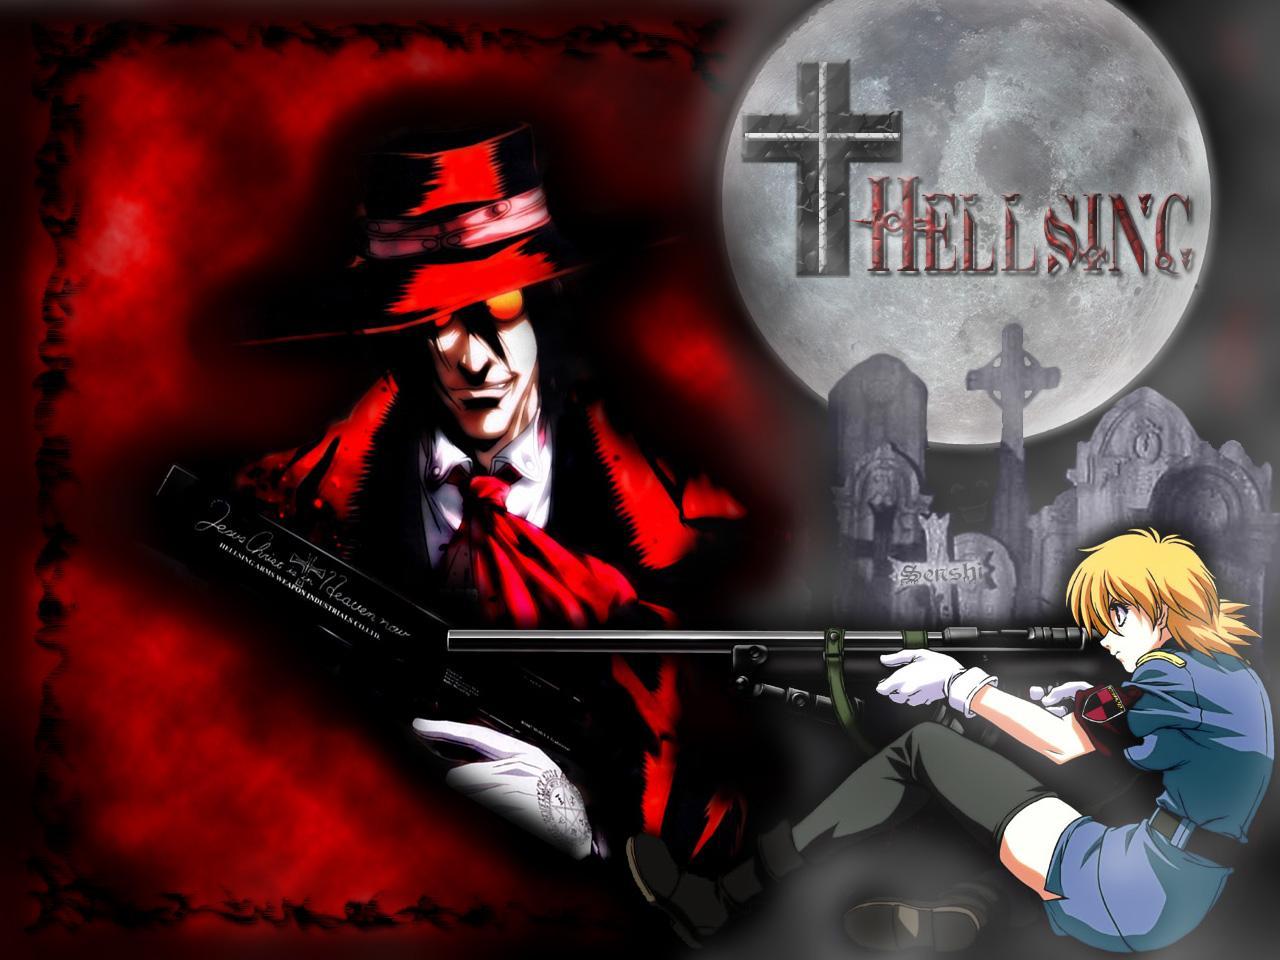 hellsing_014.jpg